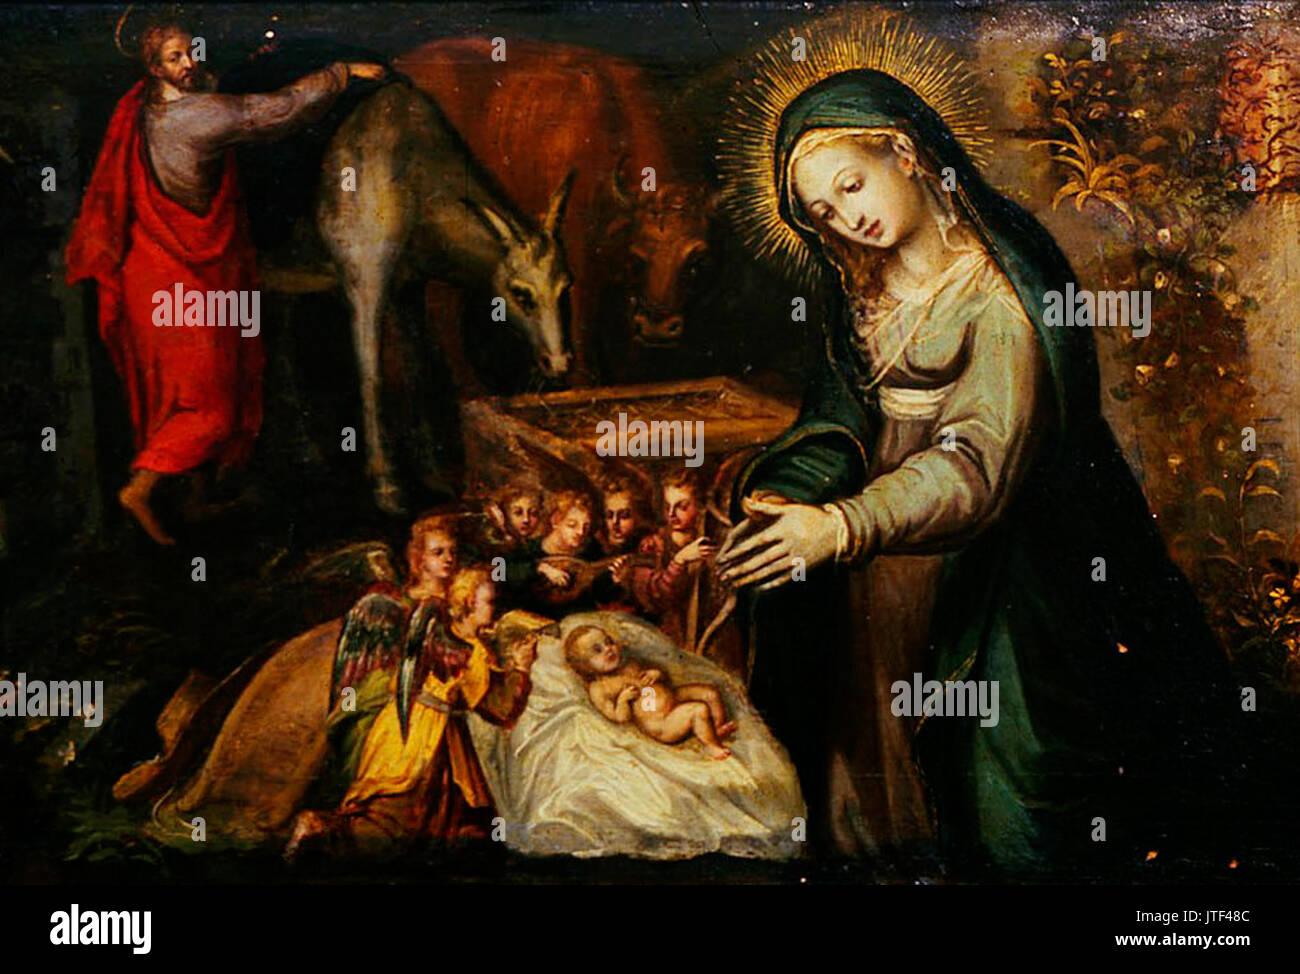 Vasco Pereira Lusitano   The Nativity (detail) - Stock Image